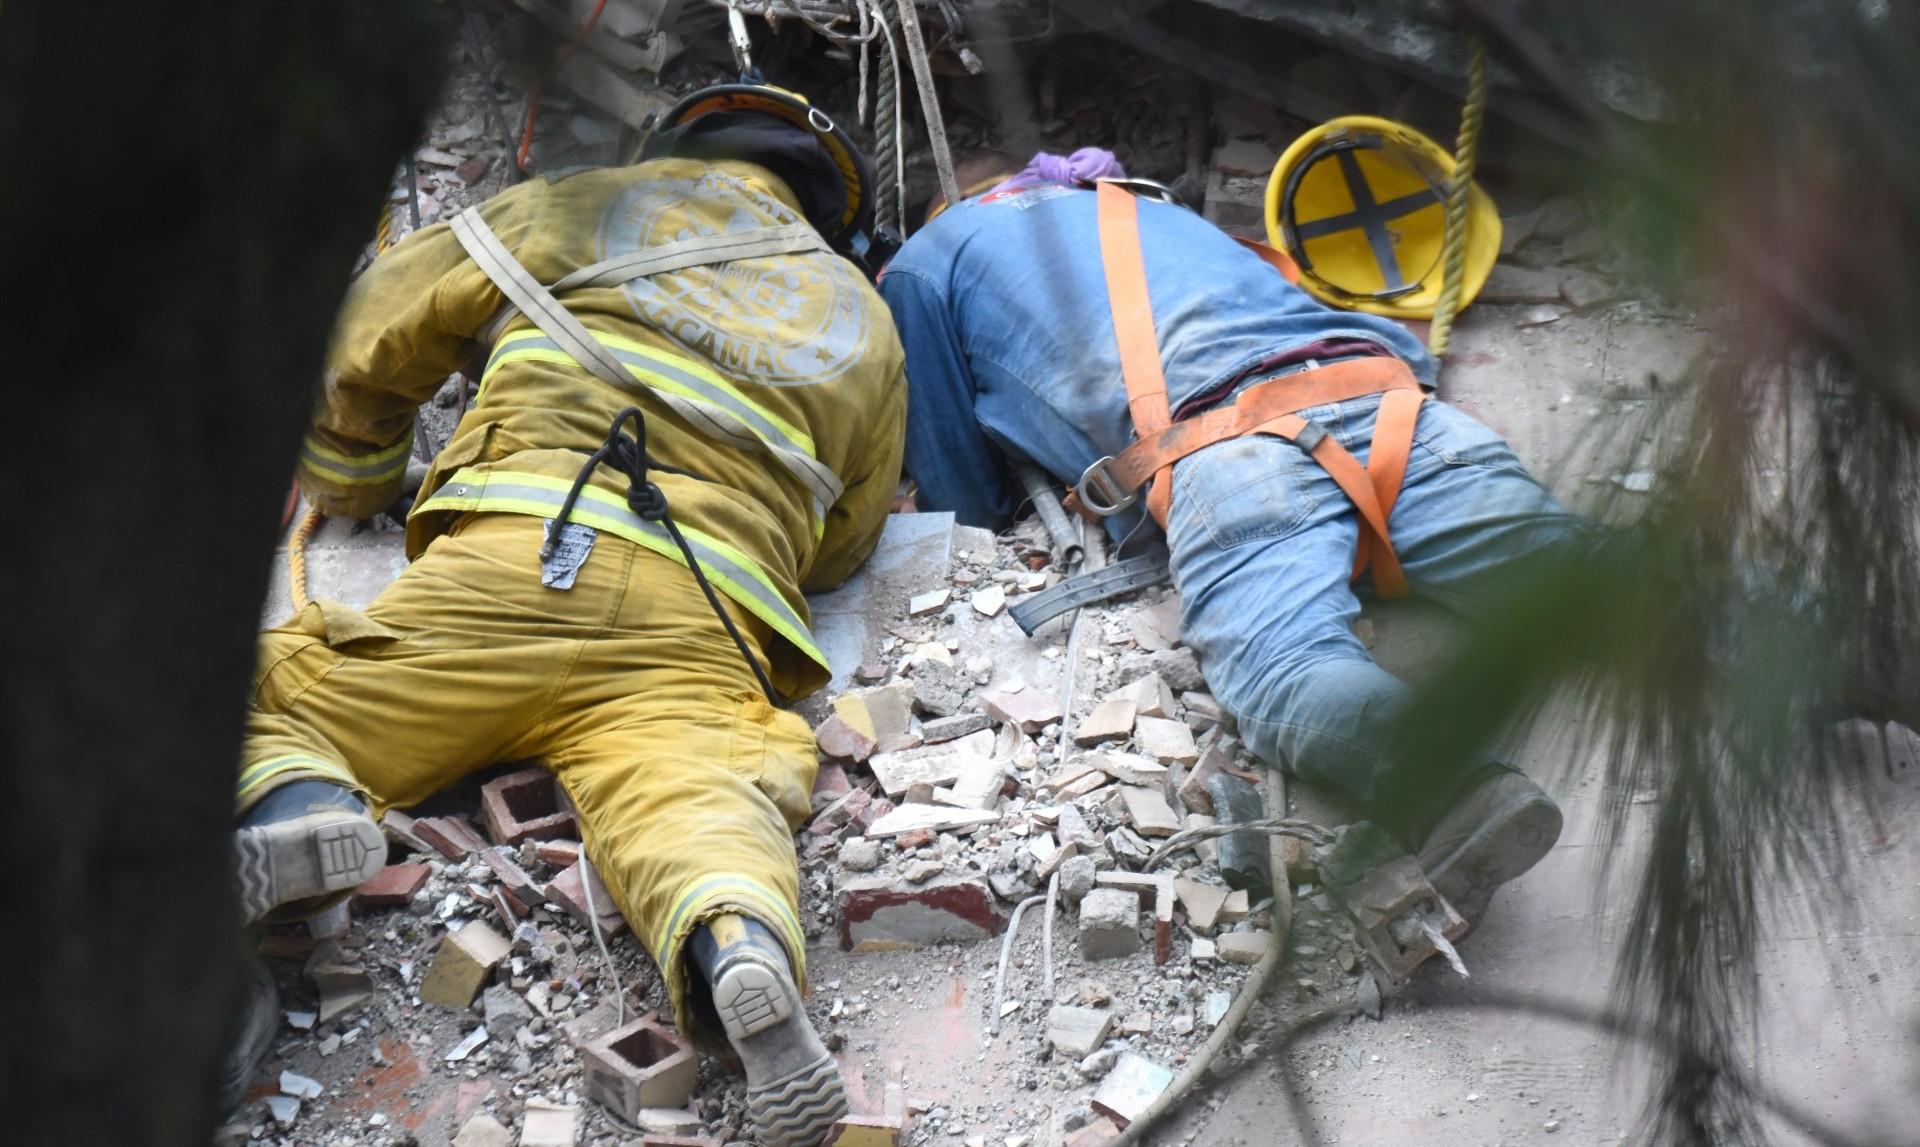 Un bombero y un rescatista excavan para llegar hasta las víctimas atrapadas en la Ciudad de México (AFP)